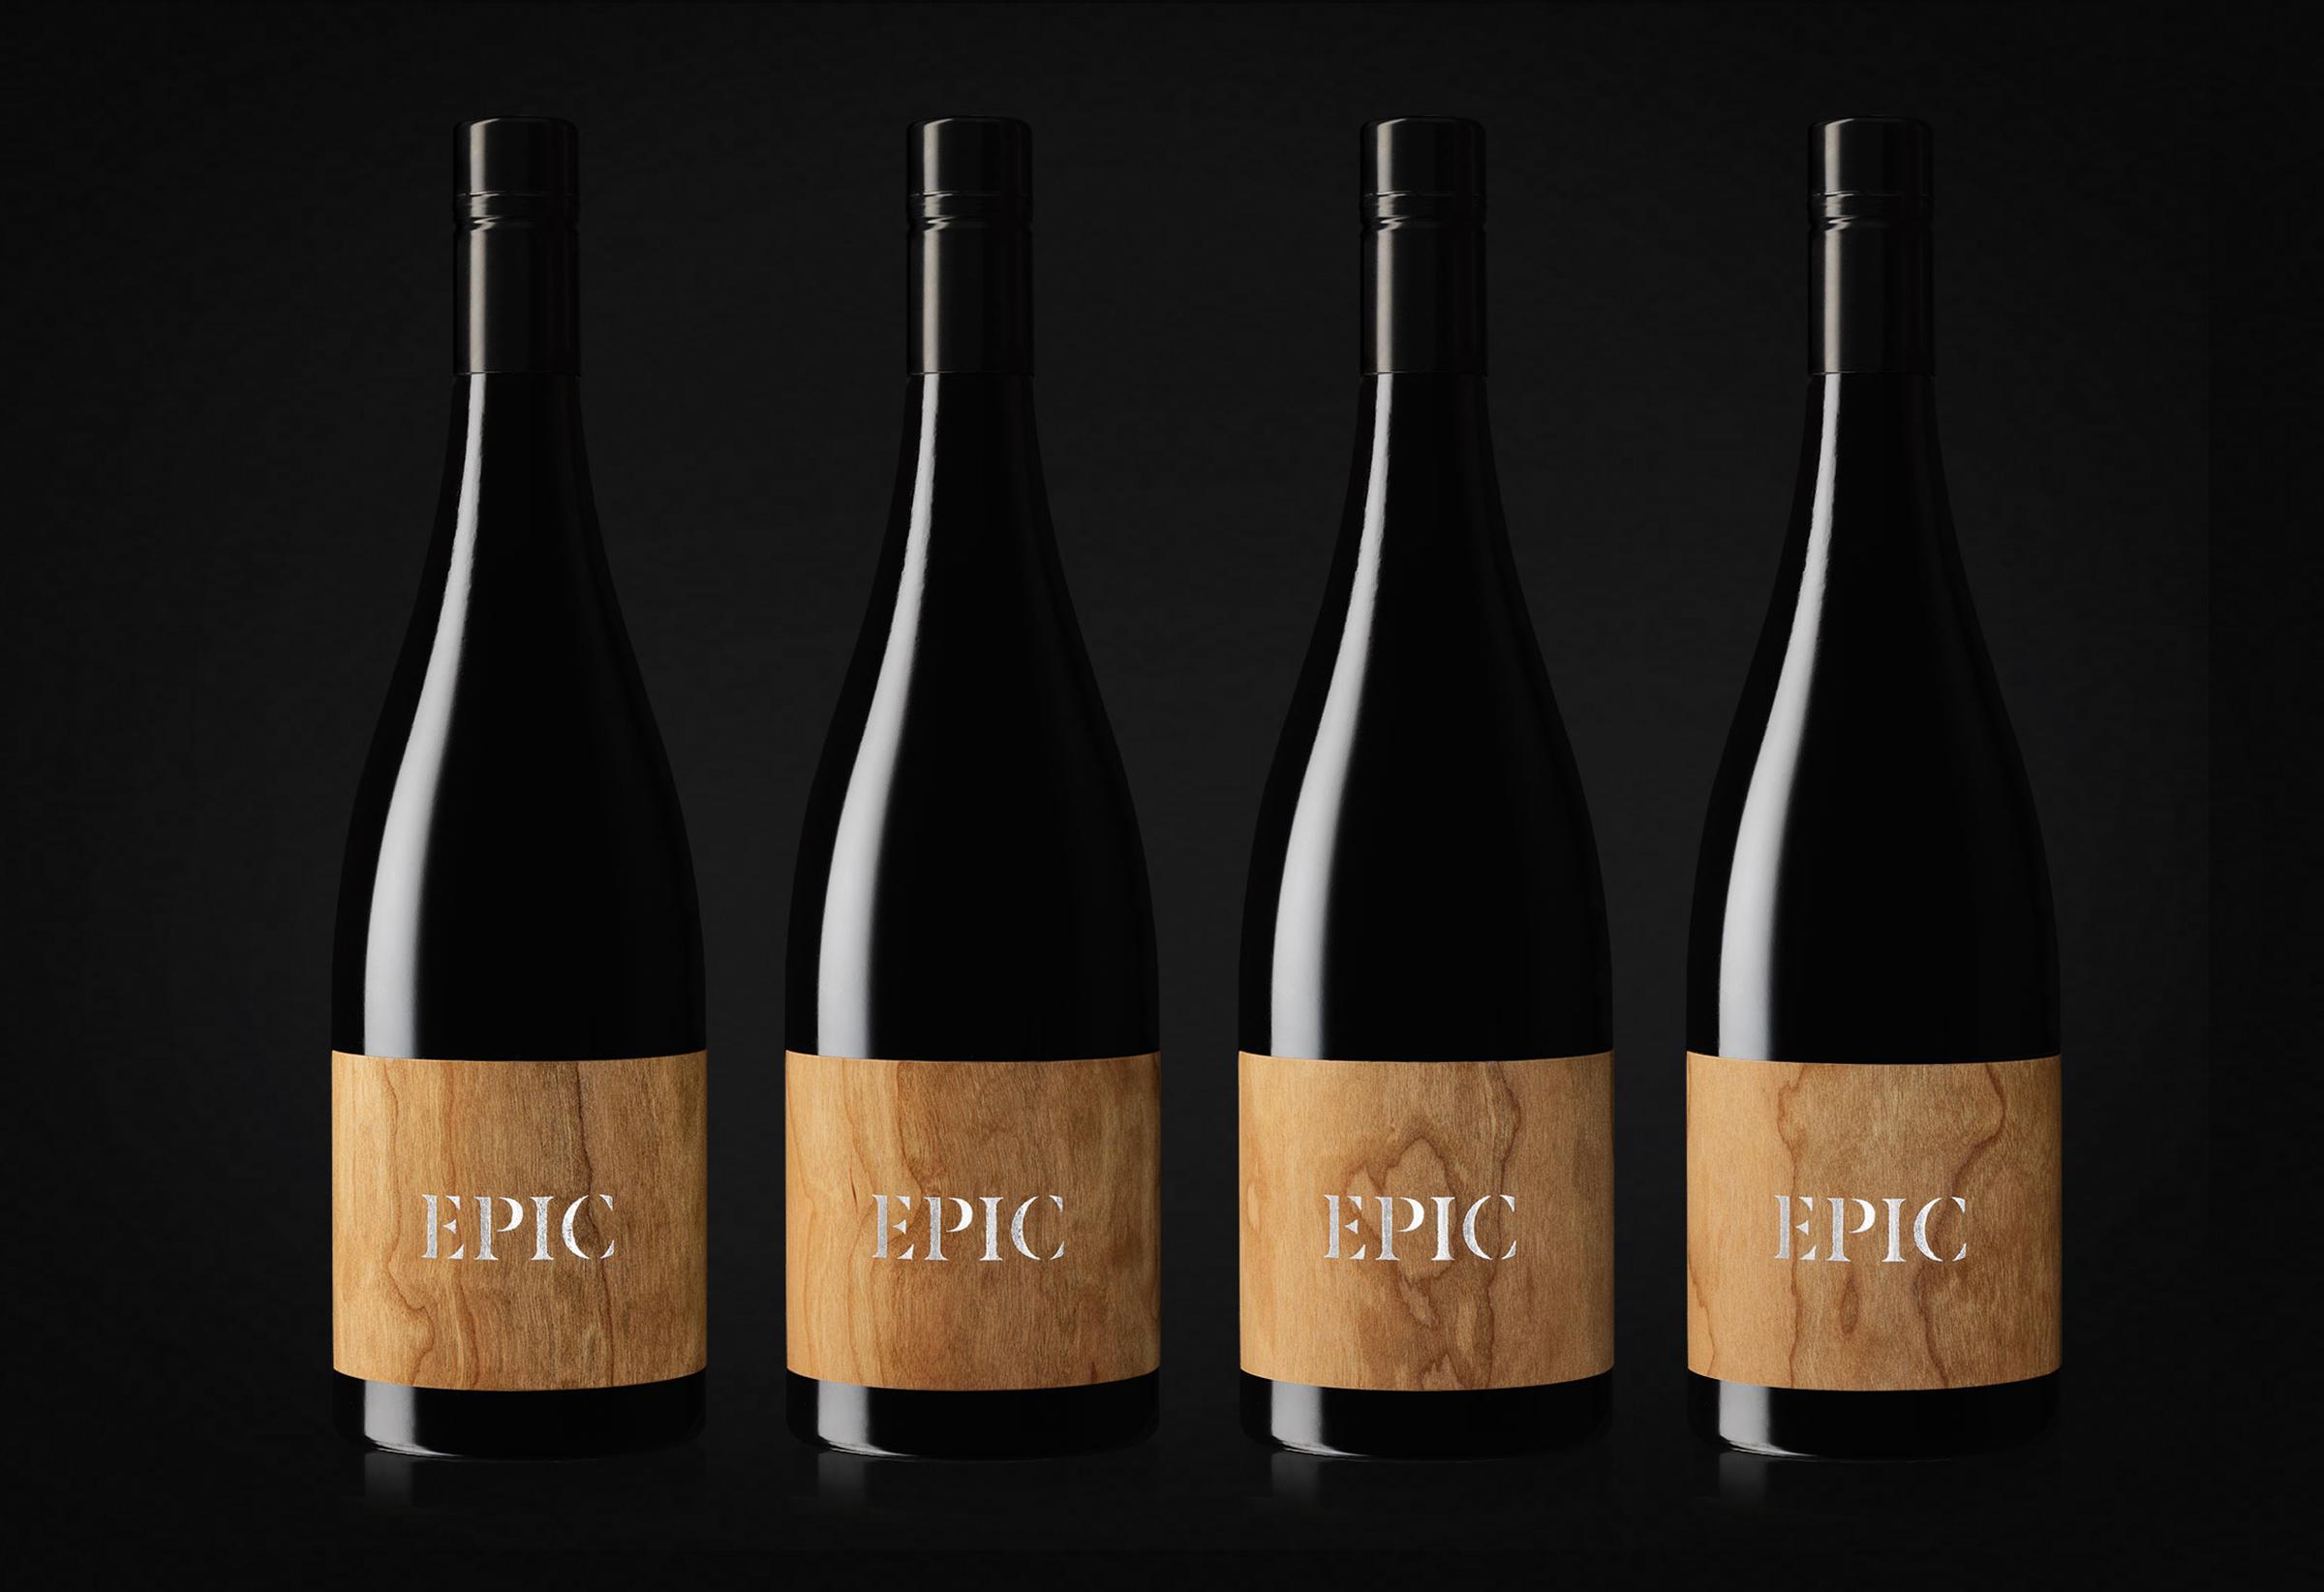 https://mindsparklemag.com/wp-content/uploads/2016/06/epic-wine-bottle-design-wood-red-wine-presentation-etikette-labeling-label-design-inspiration-designblog-www.mindsparklemag.com-01.jpeg